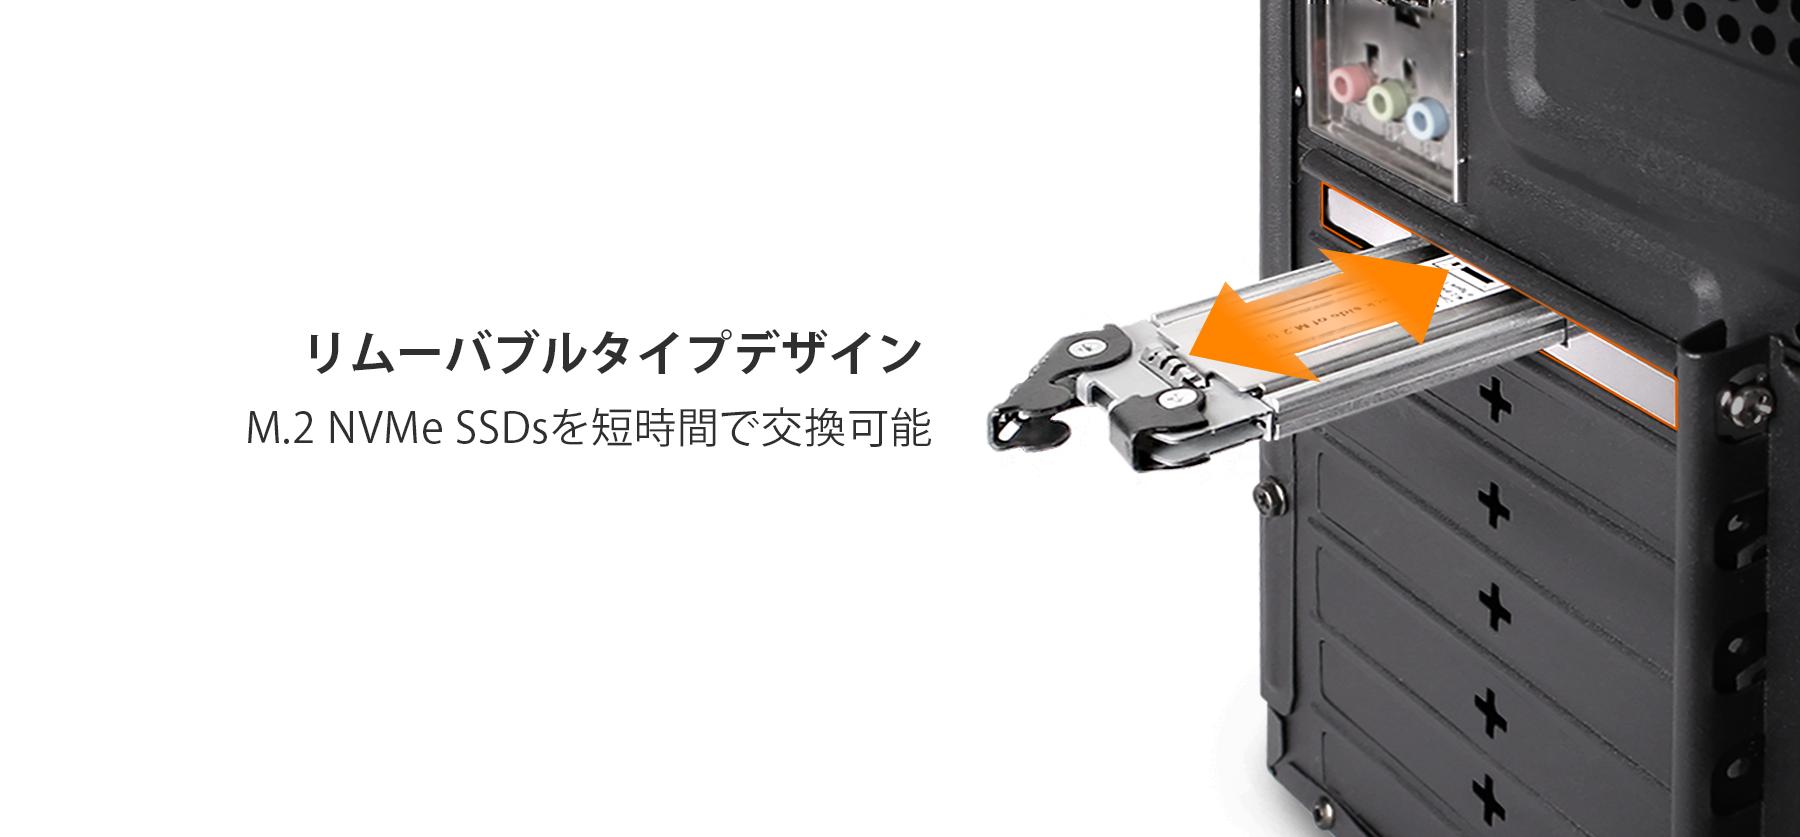 mb840m2p-b M.2 NVMe SSD リムーバブルケース